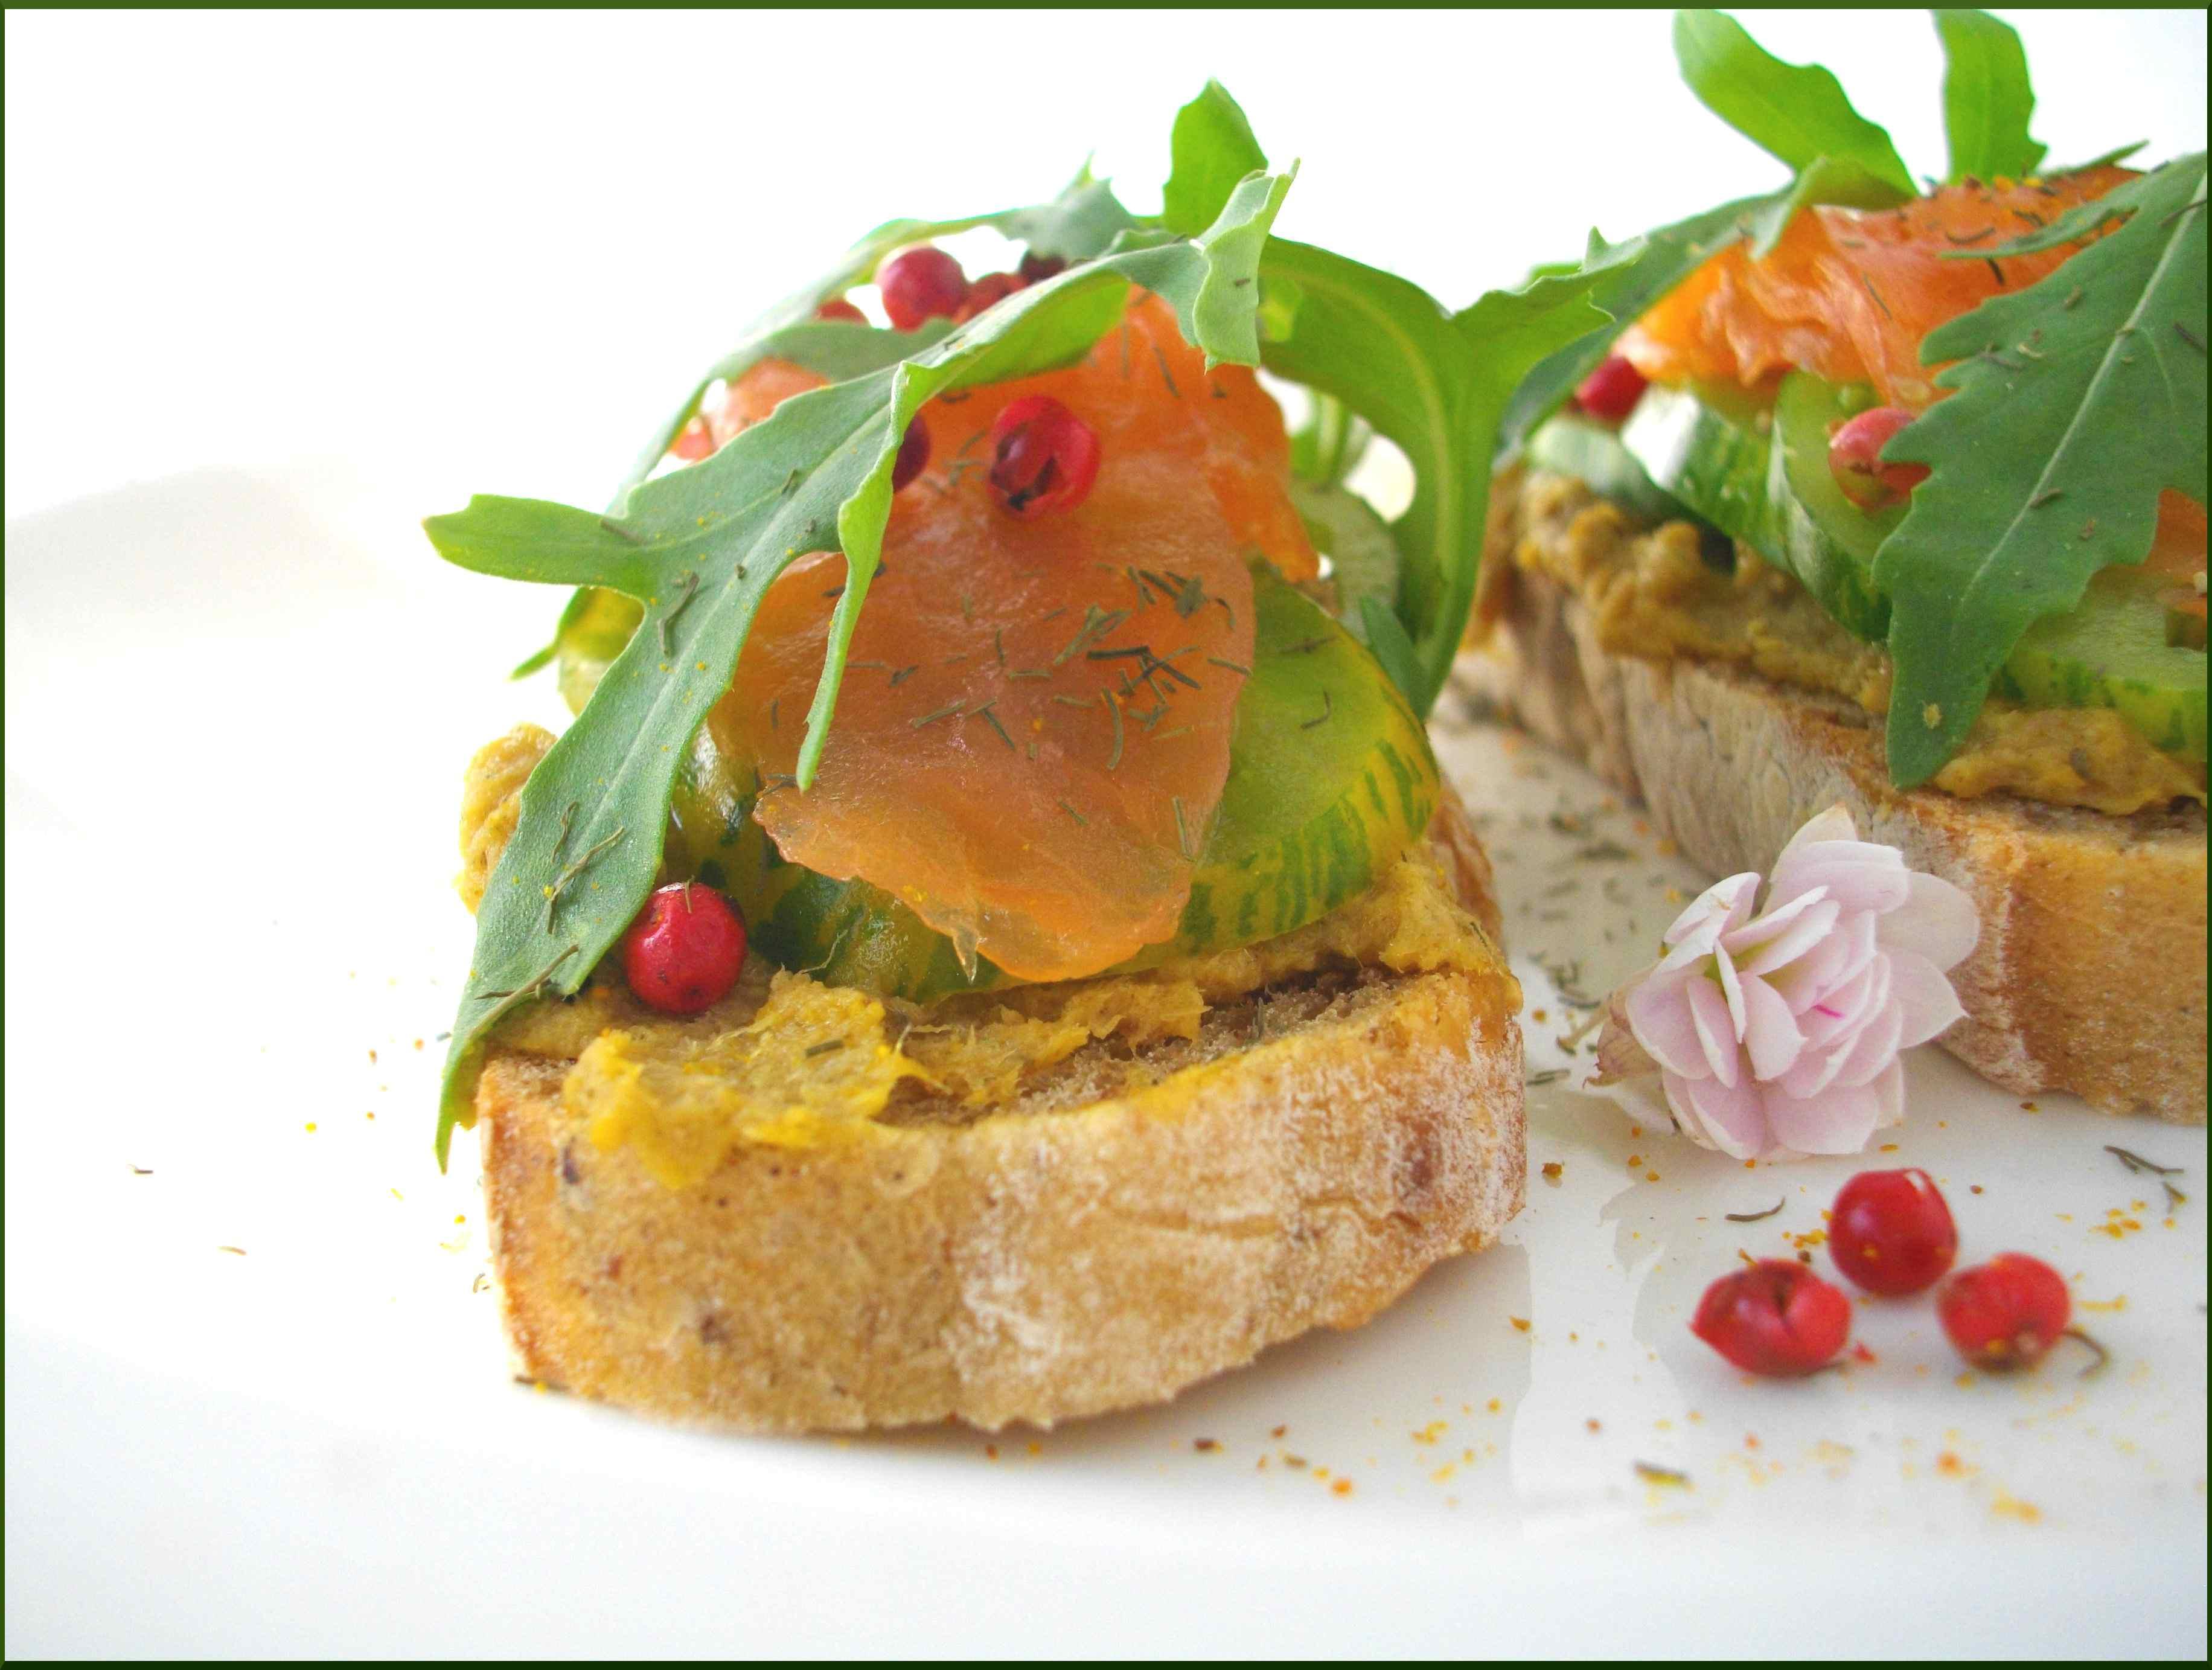 Crostinis de Pain des Canuts au Saumon, Curry, Tomates Vertes et Baies roses...